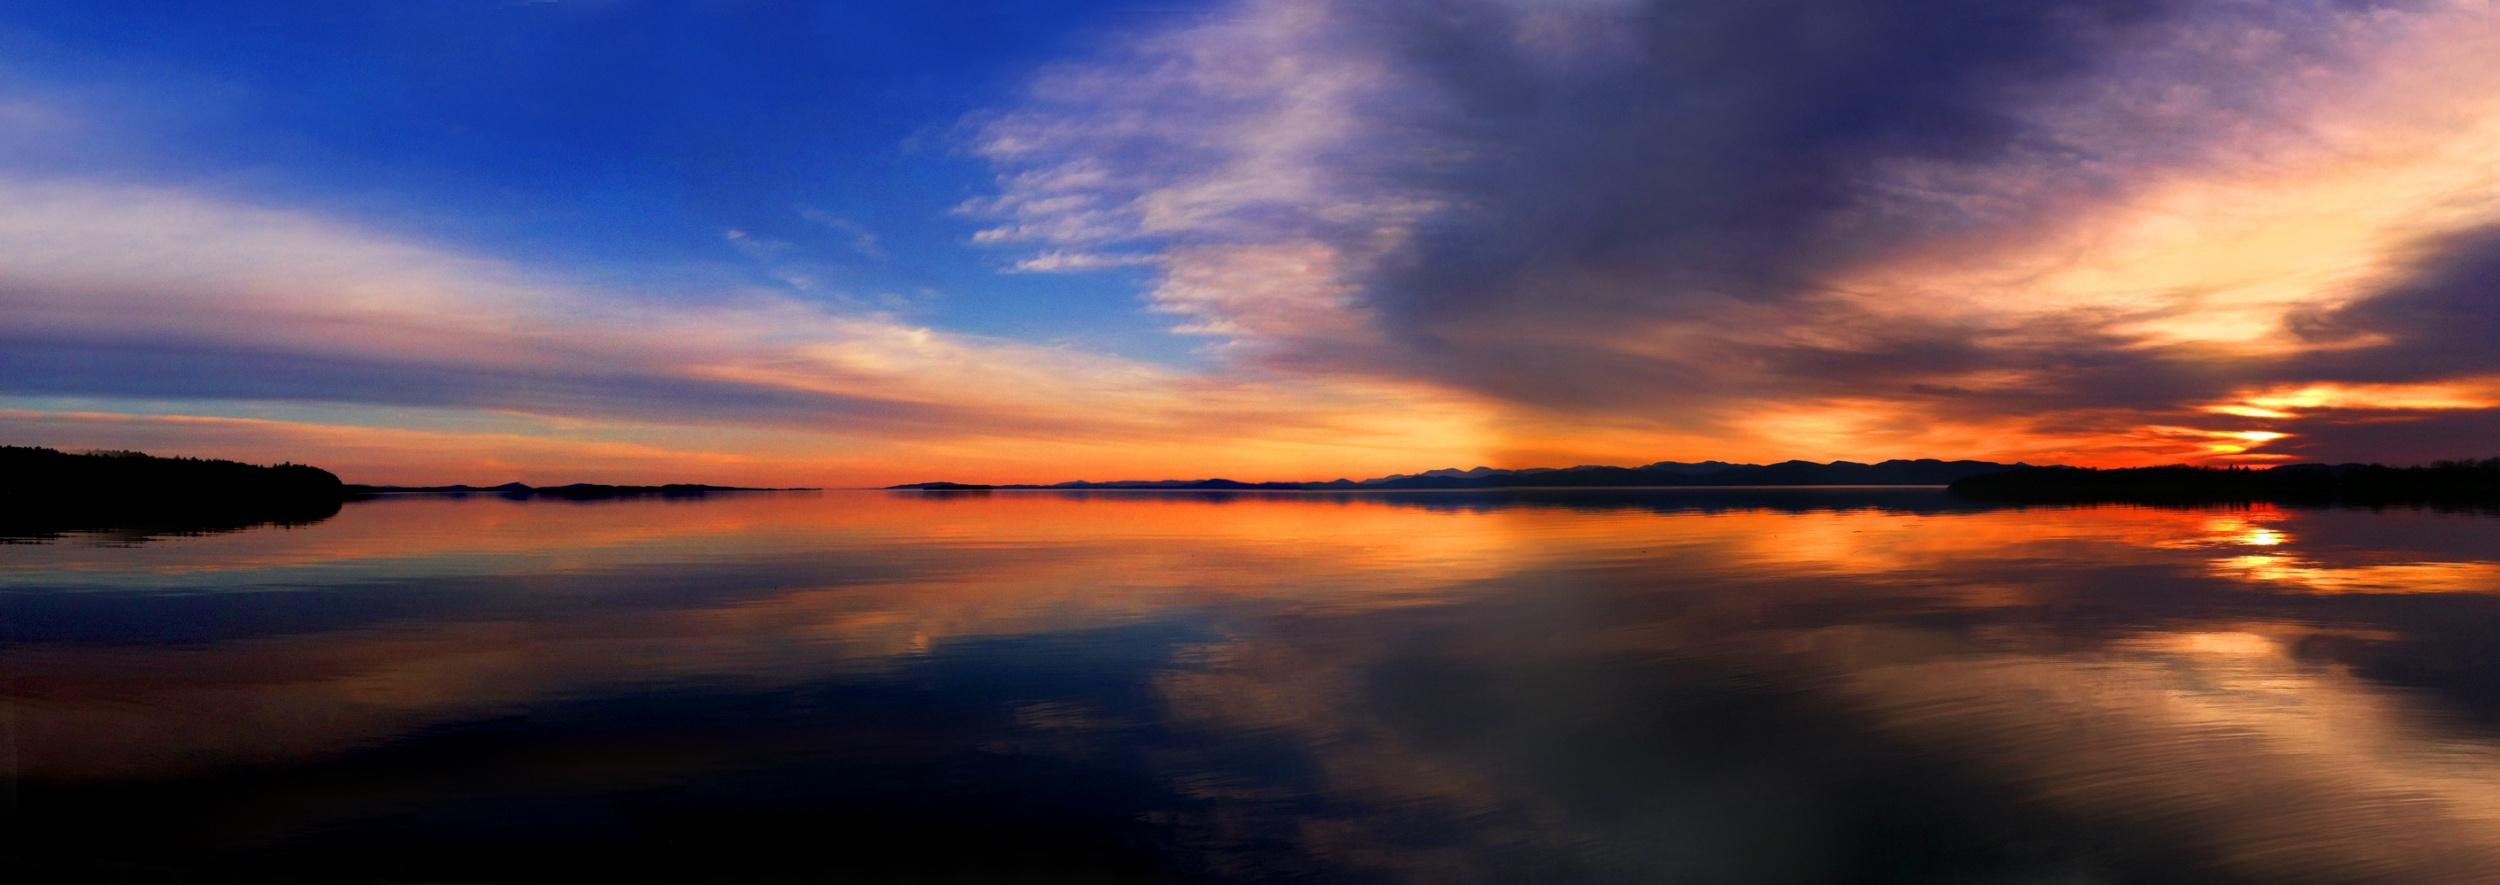 LakeC_sunsetPano2a_web_srgb-2231